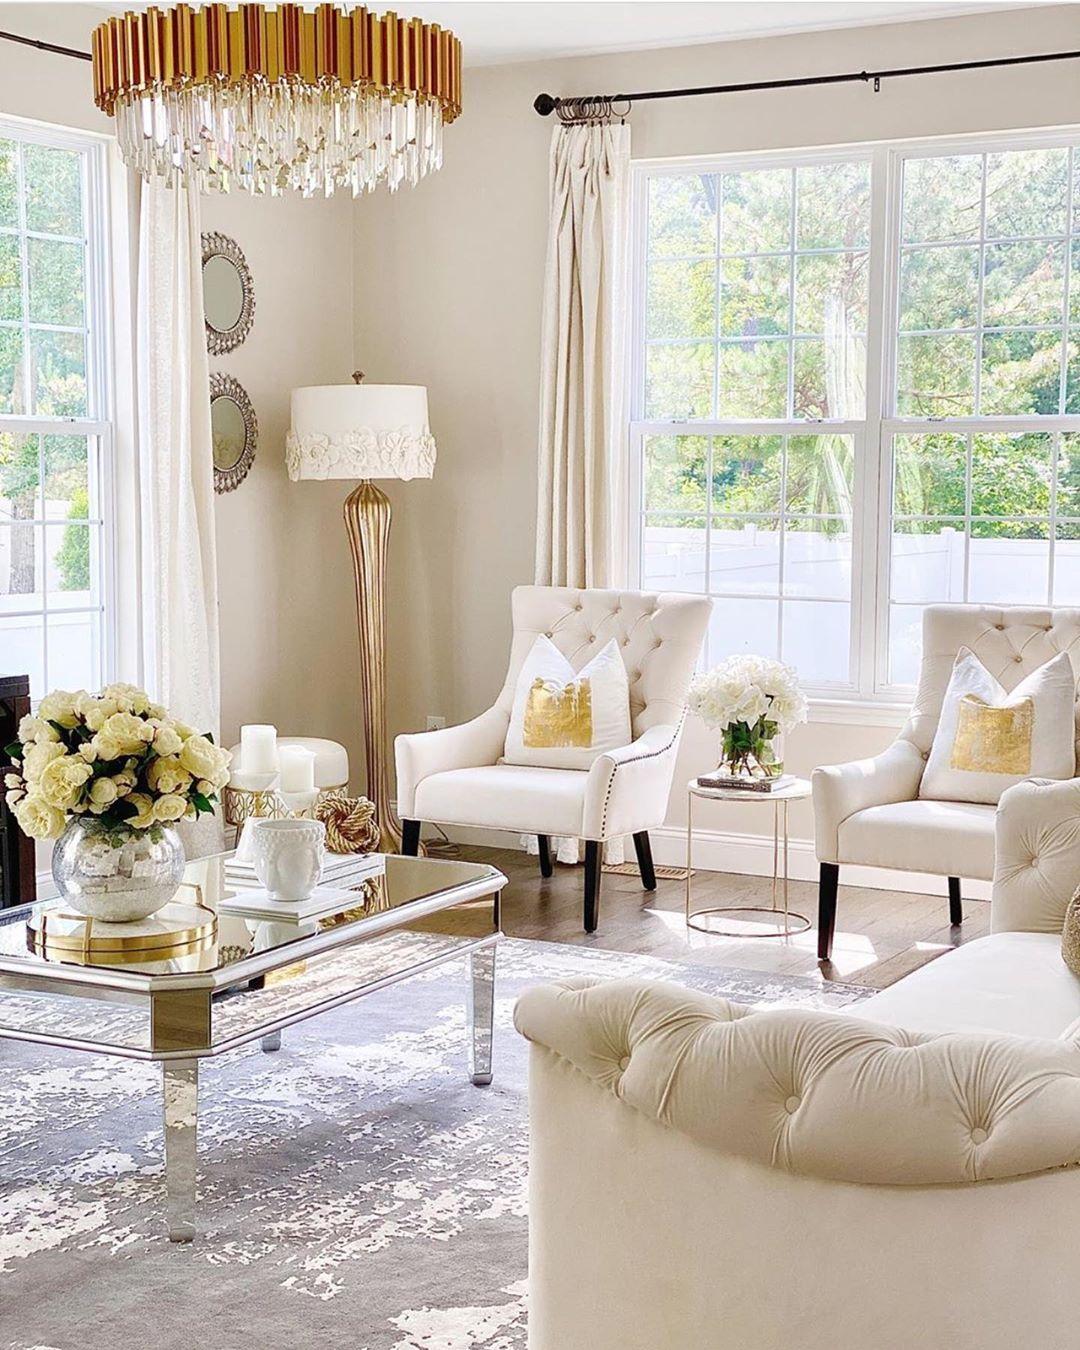 Cojines decorativos en blanco y dorado con sillones en beige